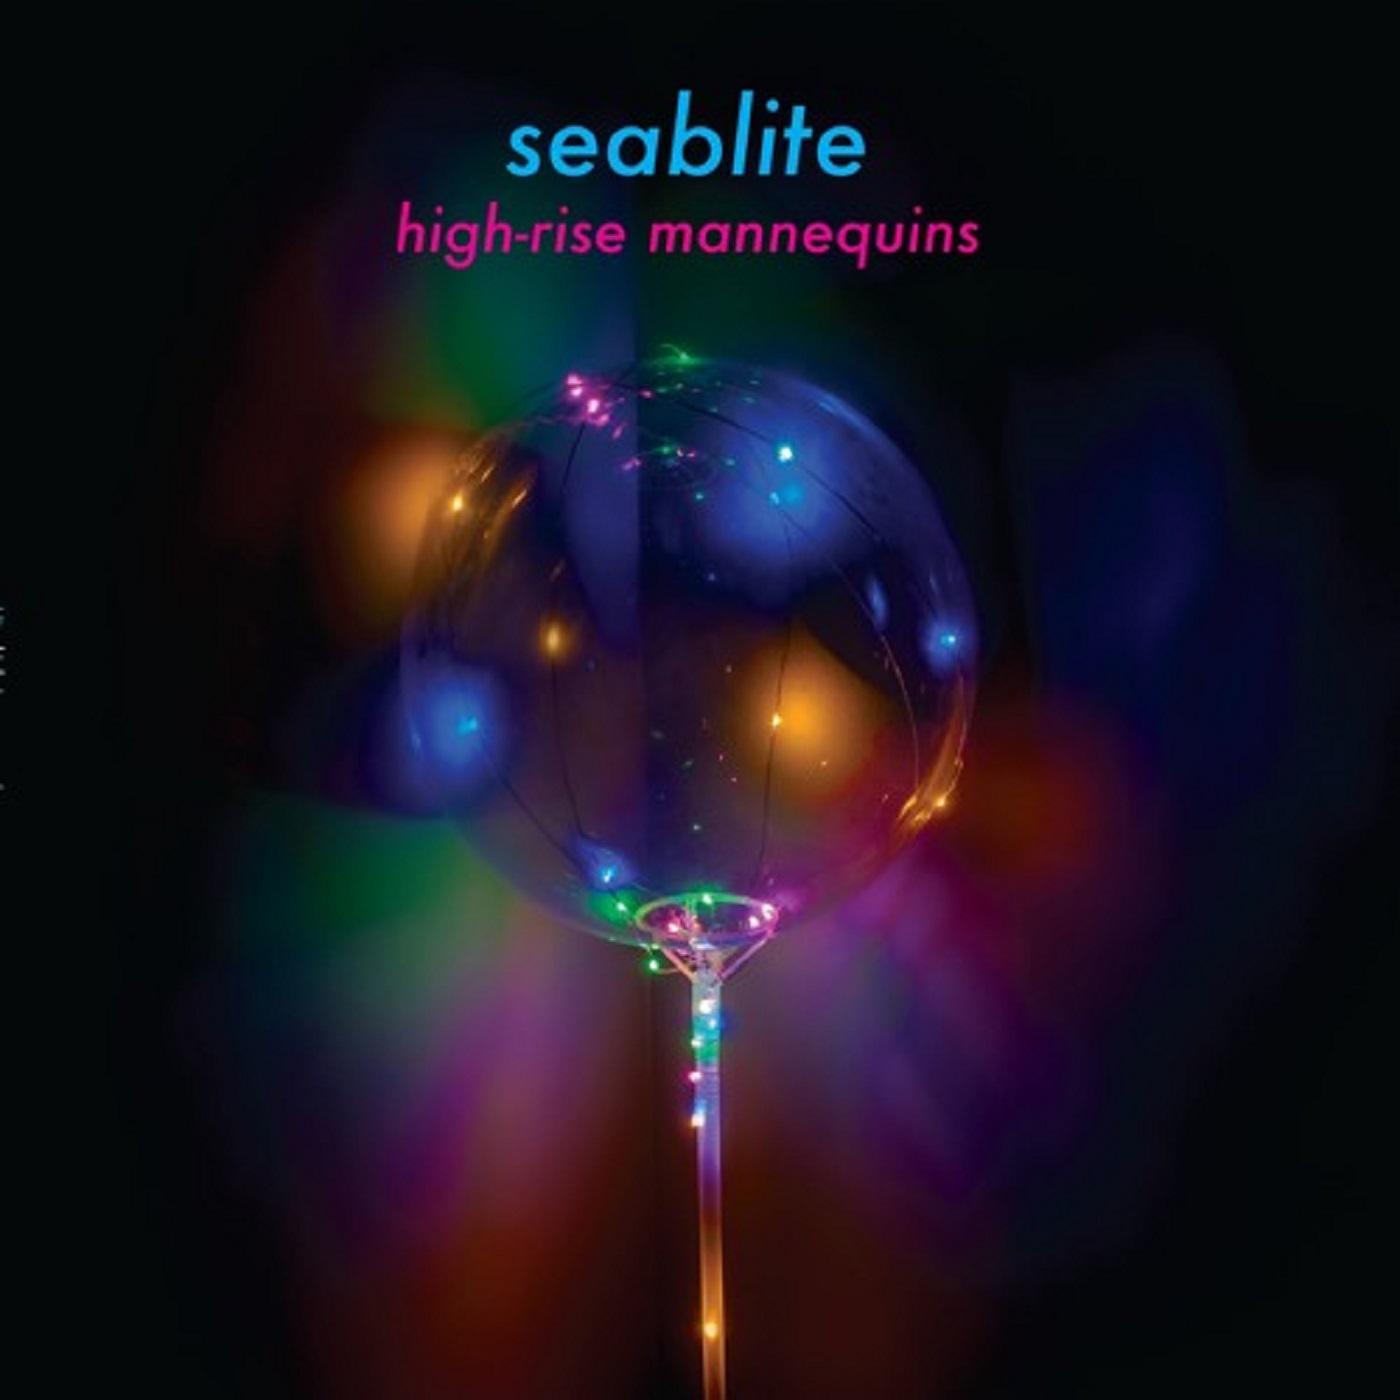 Seablite - High-Rise Mannequins